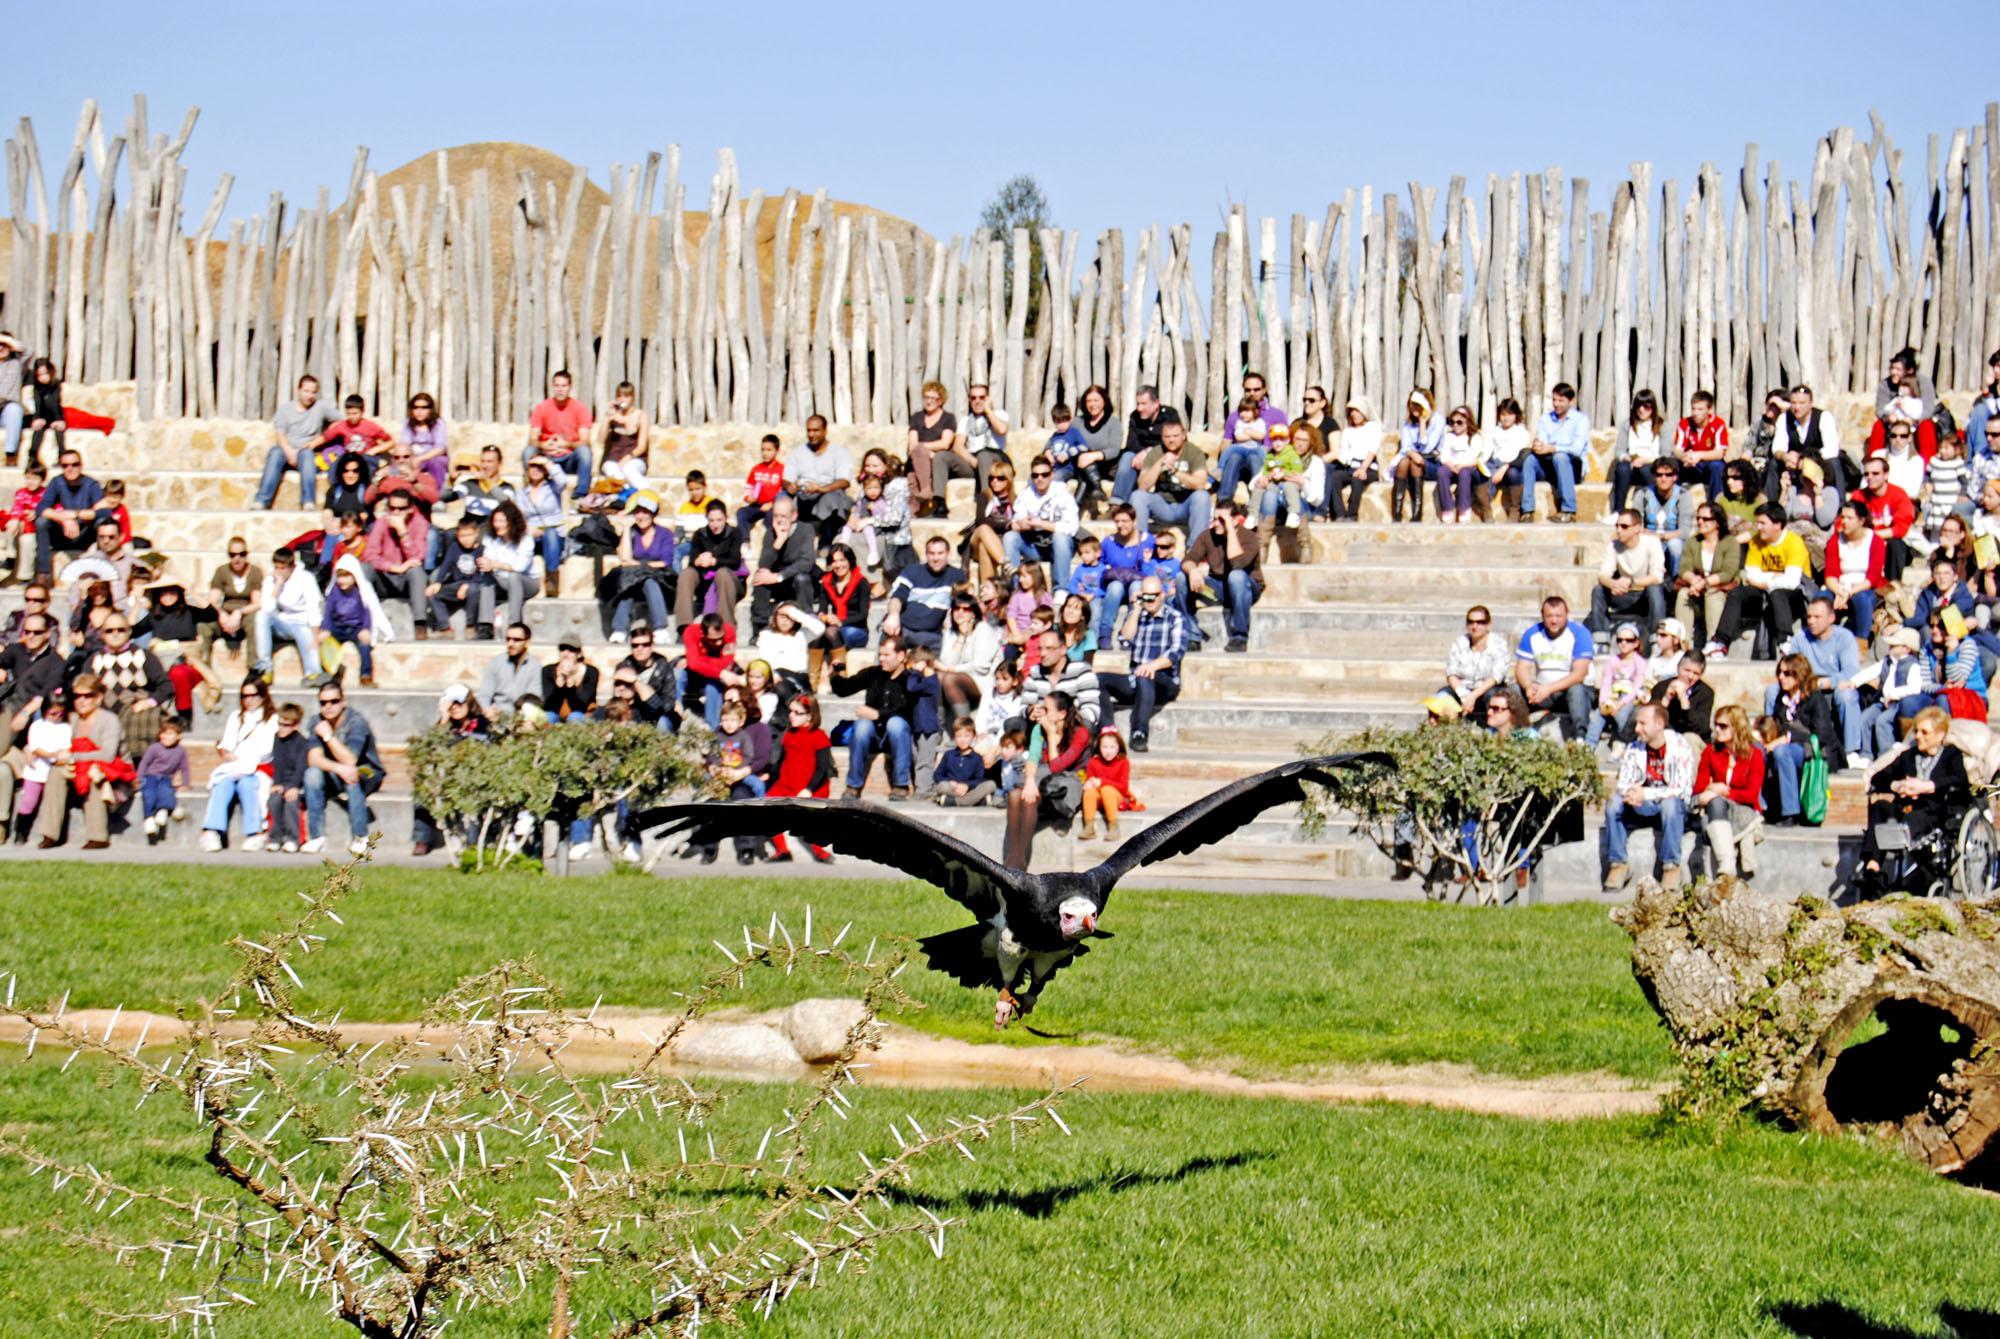 Bioparc Valencia exhibición de aves y mamíferos